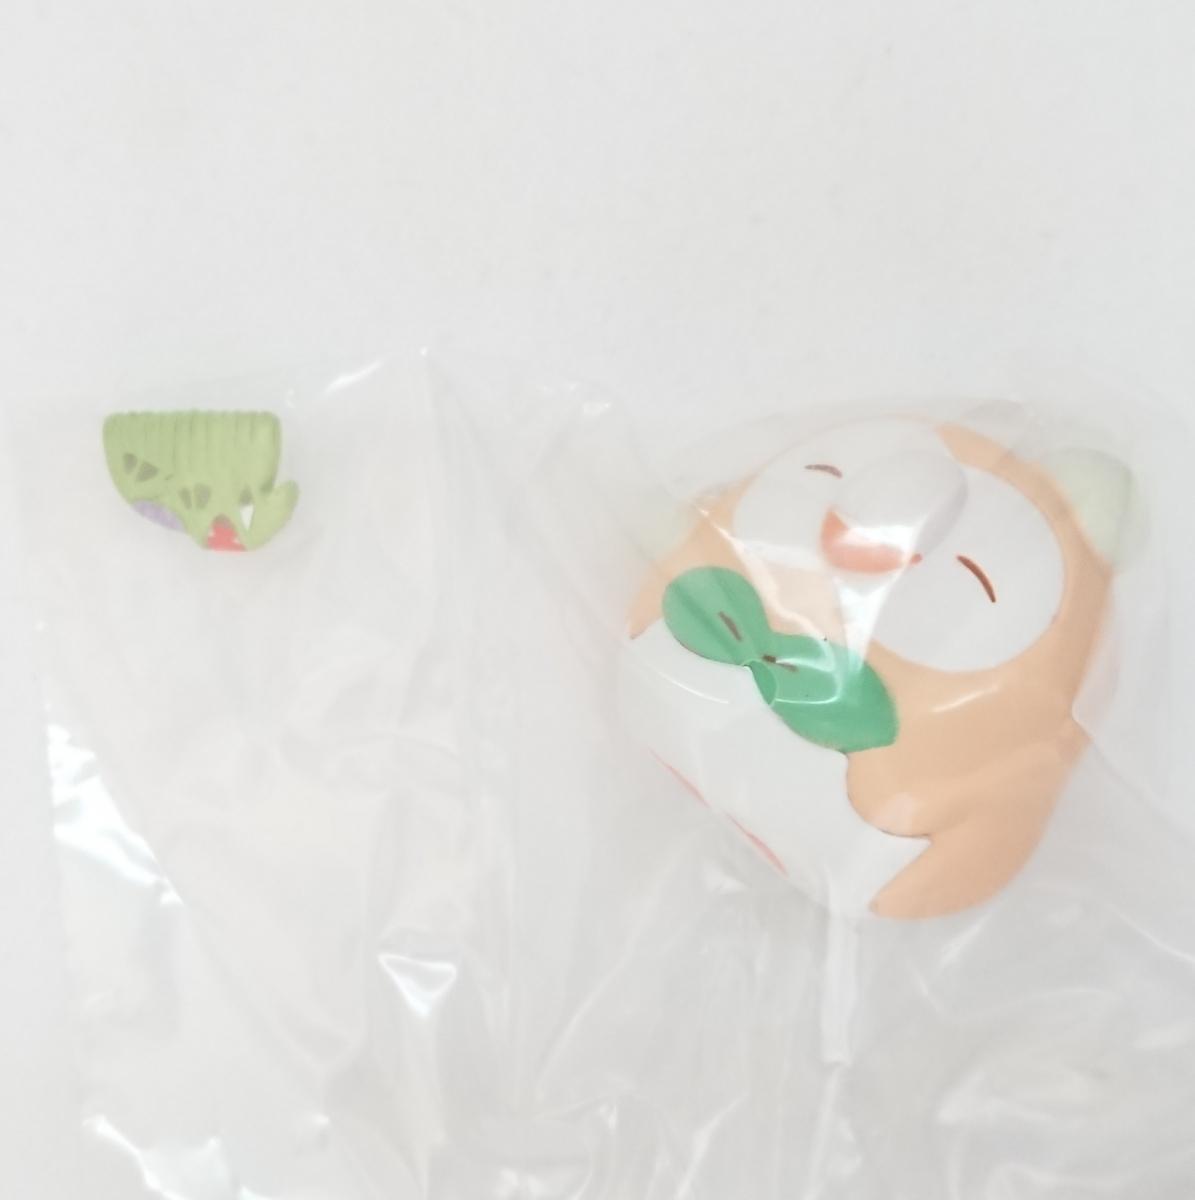 新品 ポケモンセンター フィギュアコレクション OTEIRE Please 4種類セット ガチャ お手入れ ピカチュウ ゲンガー モクロー エルフーン_画像5